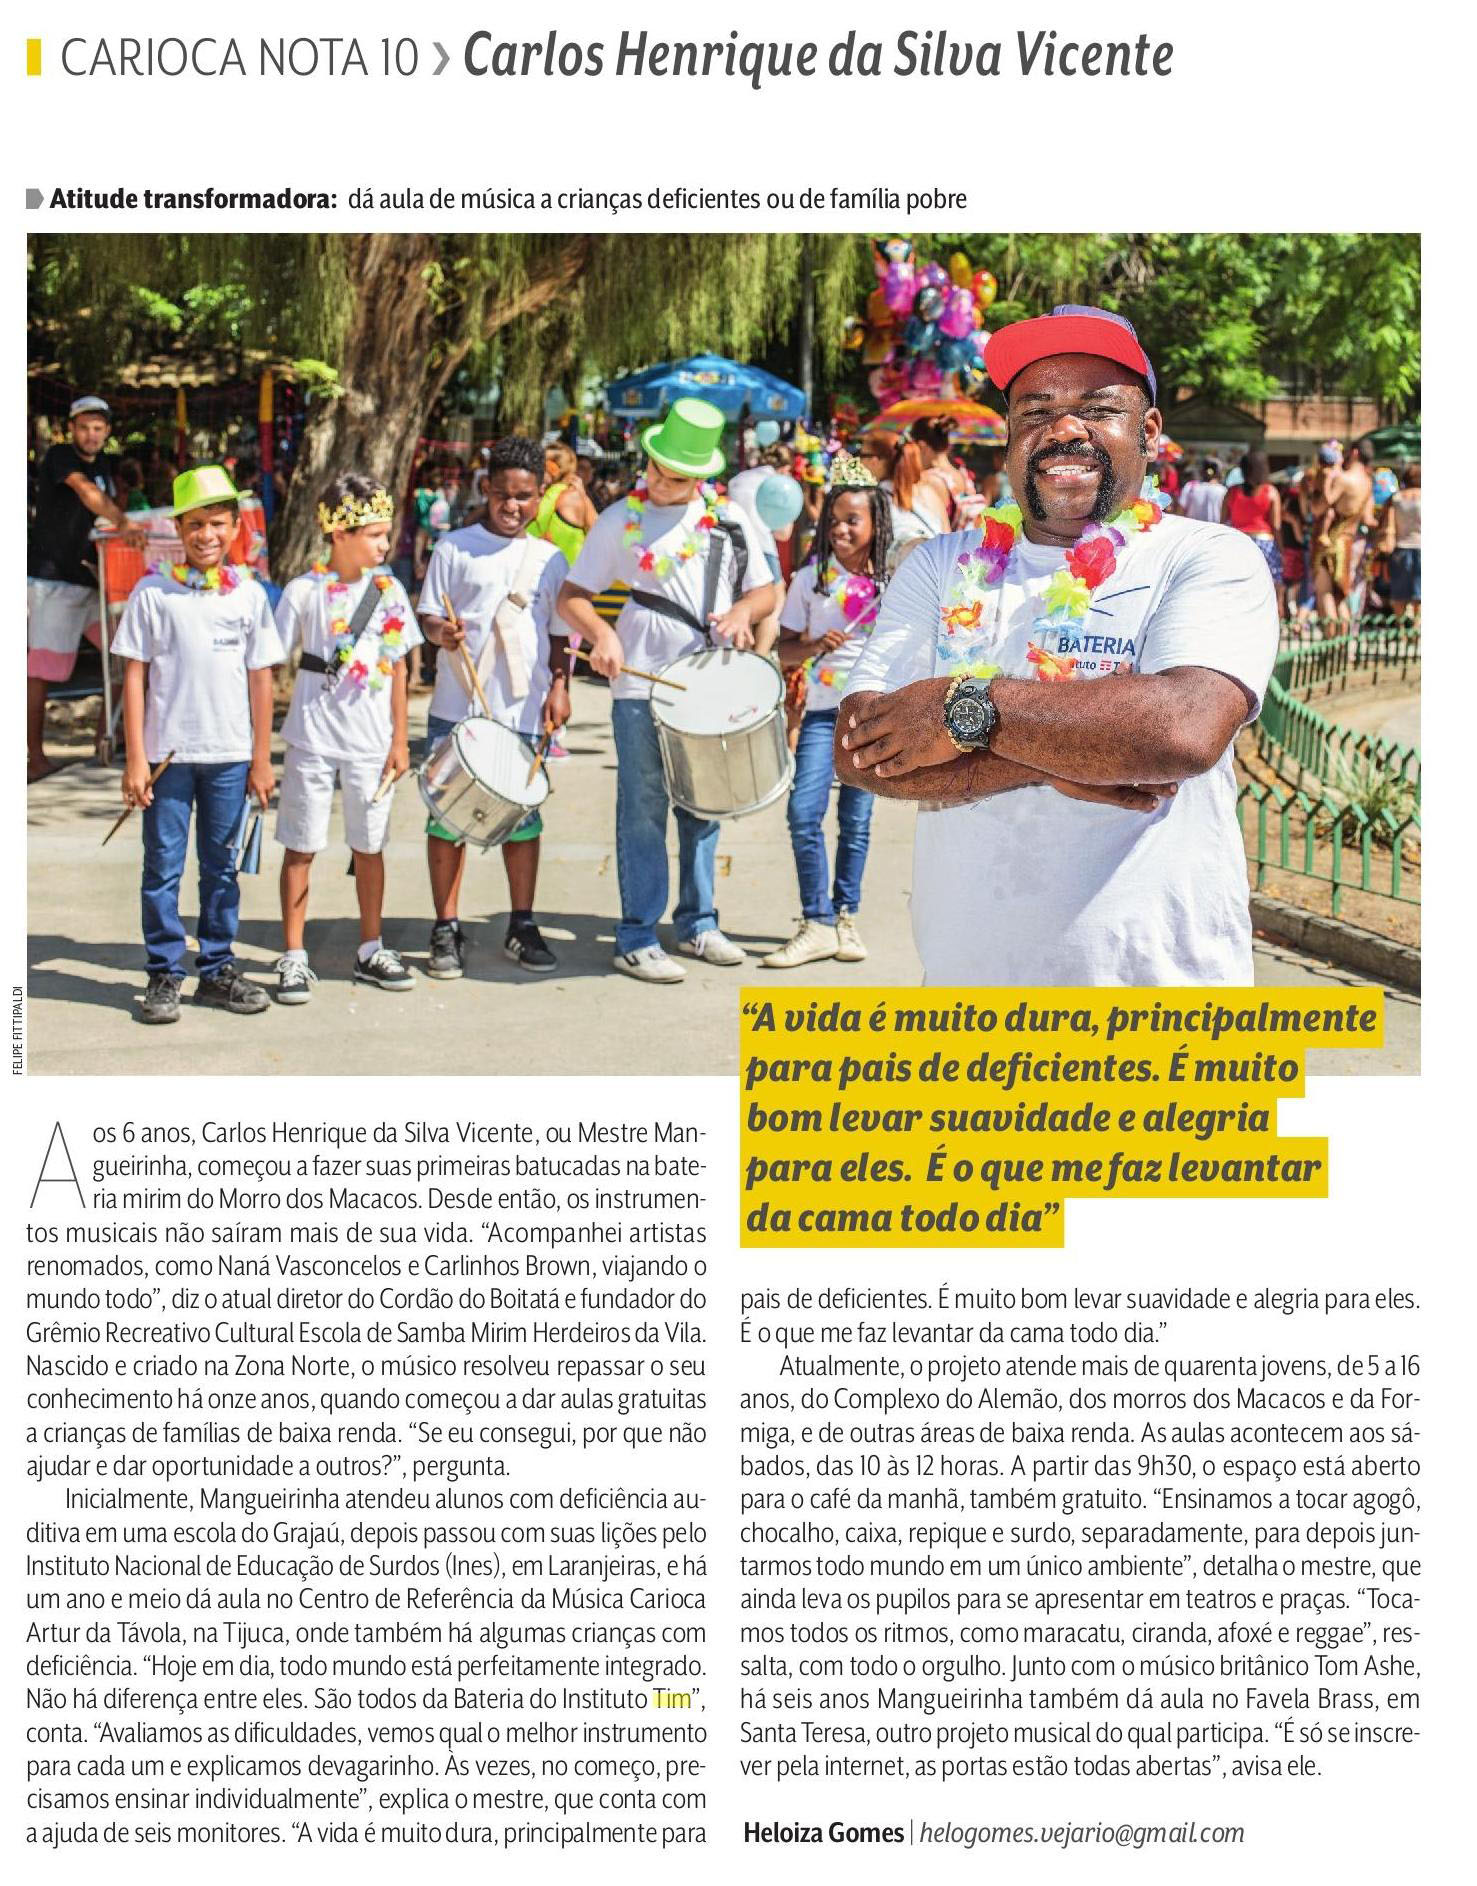 25_02_2017-veja-rio_carioca-nota-10